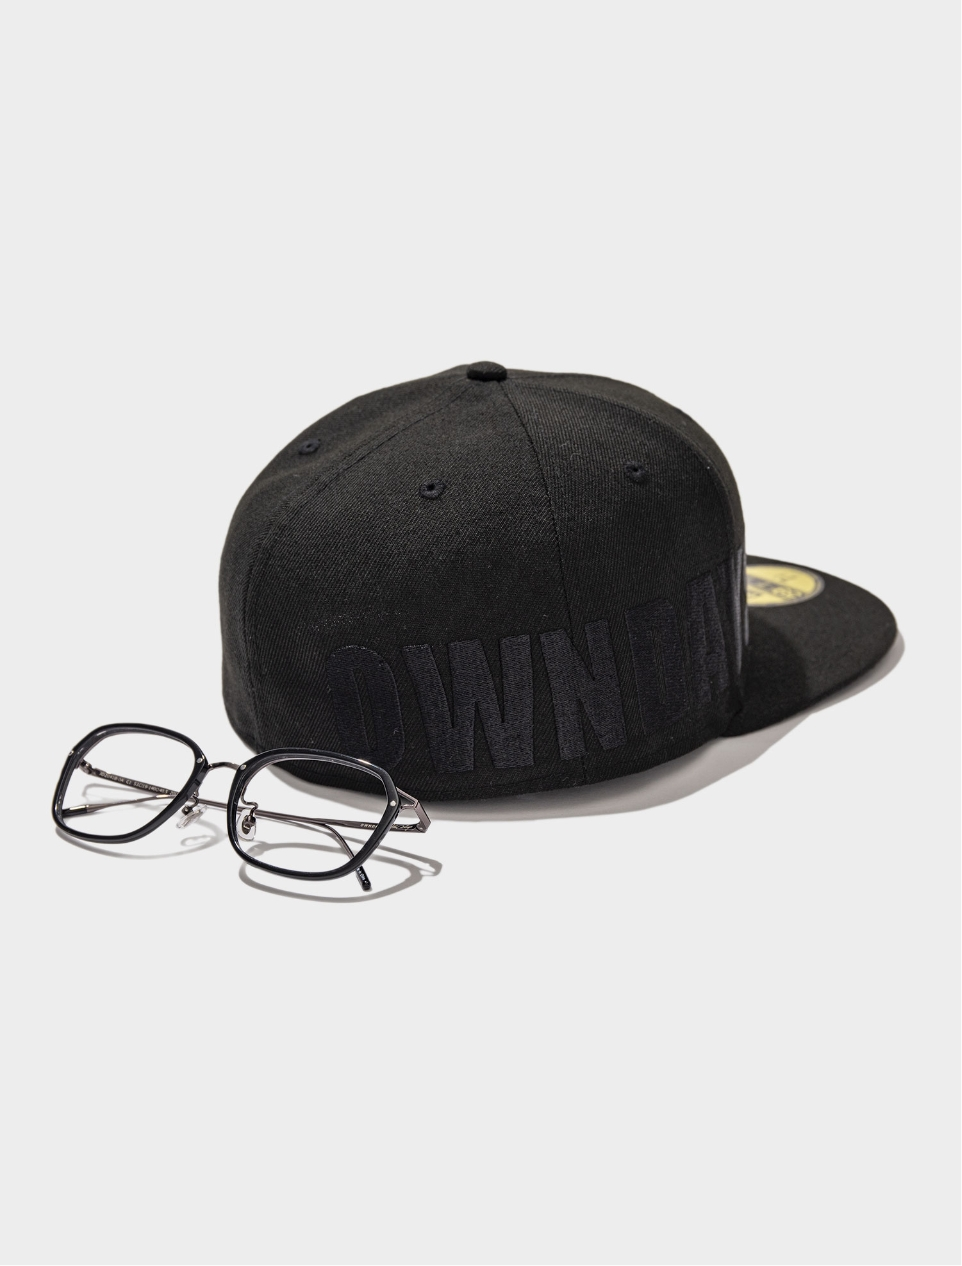 NEW ERA® COLLABORATION CAP(ヘッドウェア/ハット/キャップ) × JD2041B-0A C1(メガネ/眼鏡/めがね) おすすめの組み合わせ